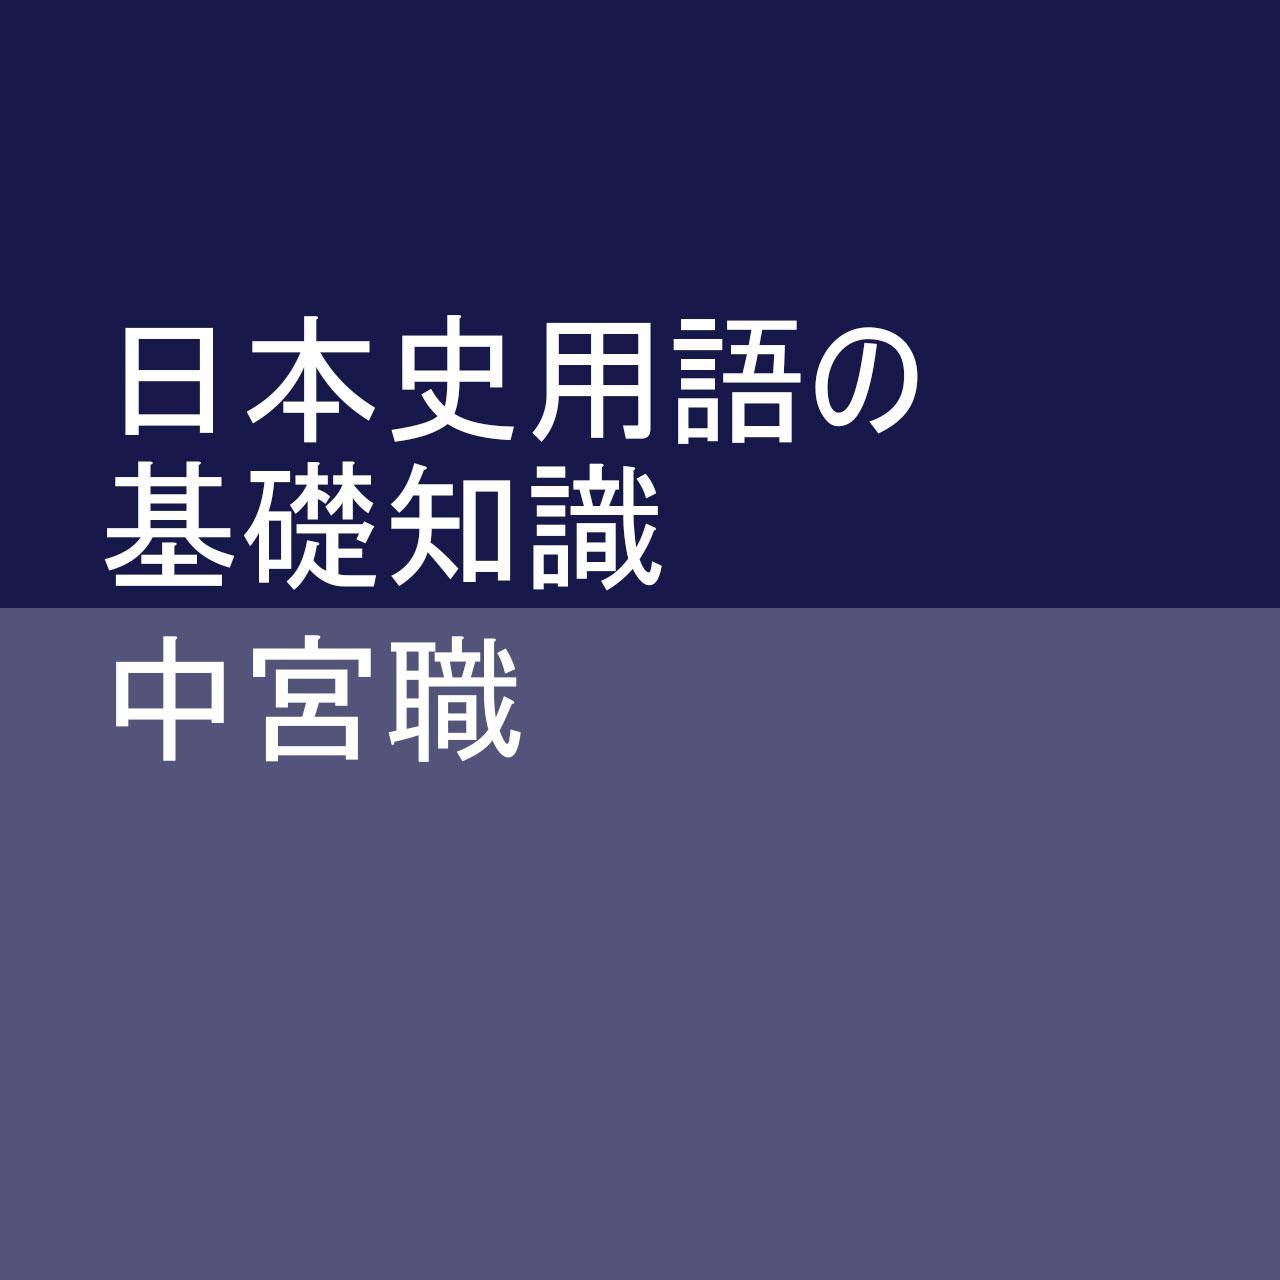 日本史用語の基礎知識 中宮職